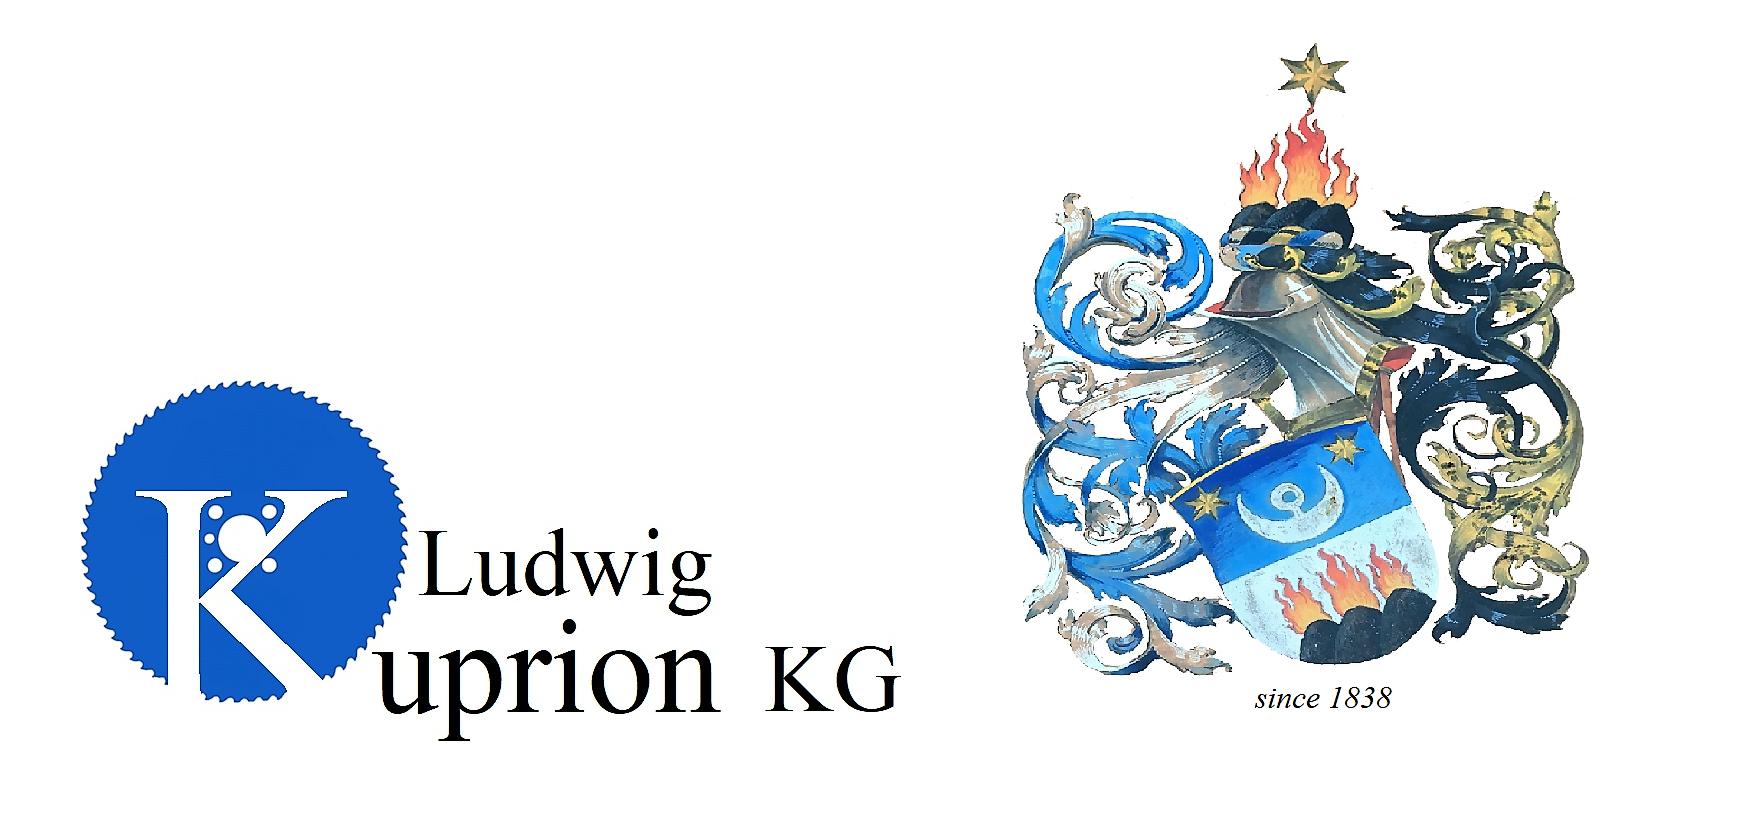 Ludwig Kuprion KG